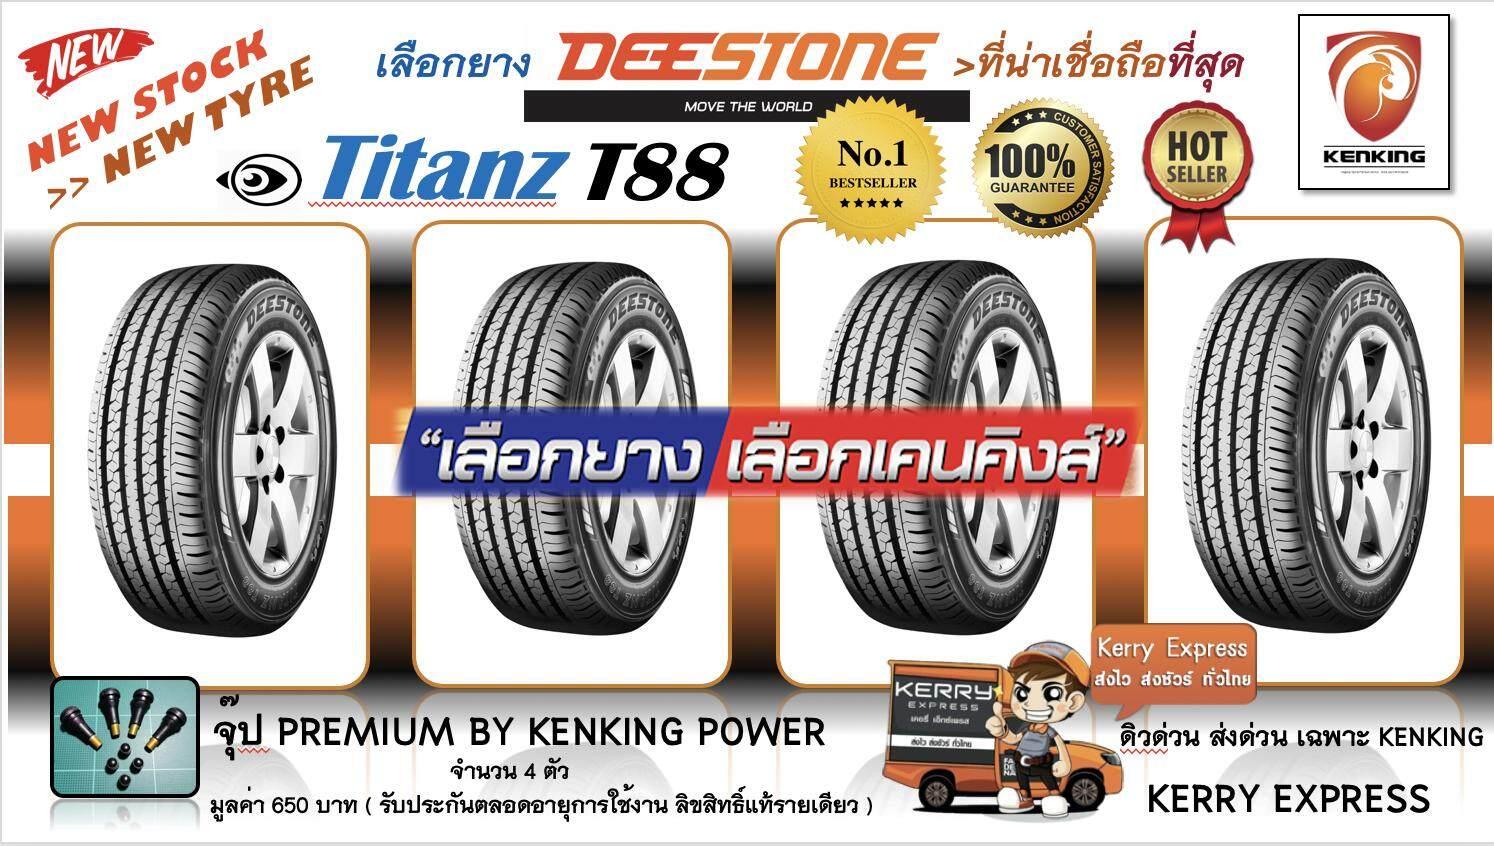 ประกันภัย รถยนต์ แบบ ผ่อน ได้ เพชรบุรี ยางรถยนต์ขอบ15 Deestone 205/70 R15 TITANZ T88 New!  2019 (จำนวน 4 เส้น) FREE !! จุ๊ป KENKING POWER Premium เกรด มูลค่า 650 บาท ลิขสิทธิ์แท้รายเดียว ยางรถยนต์ ขอบ15 ยางราคาส่ง